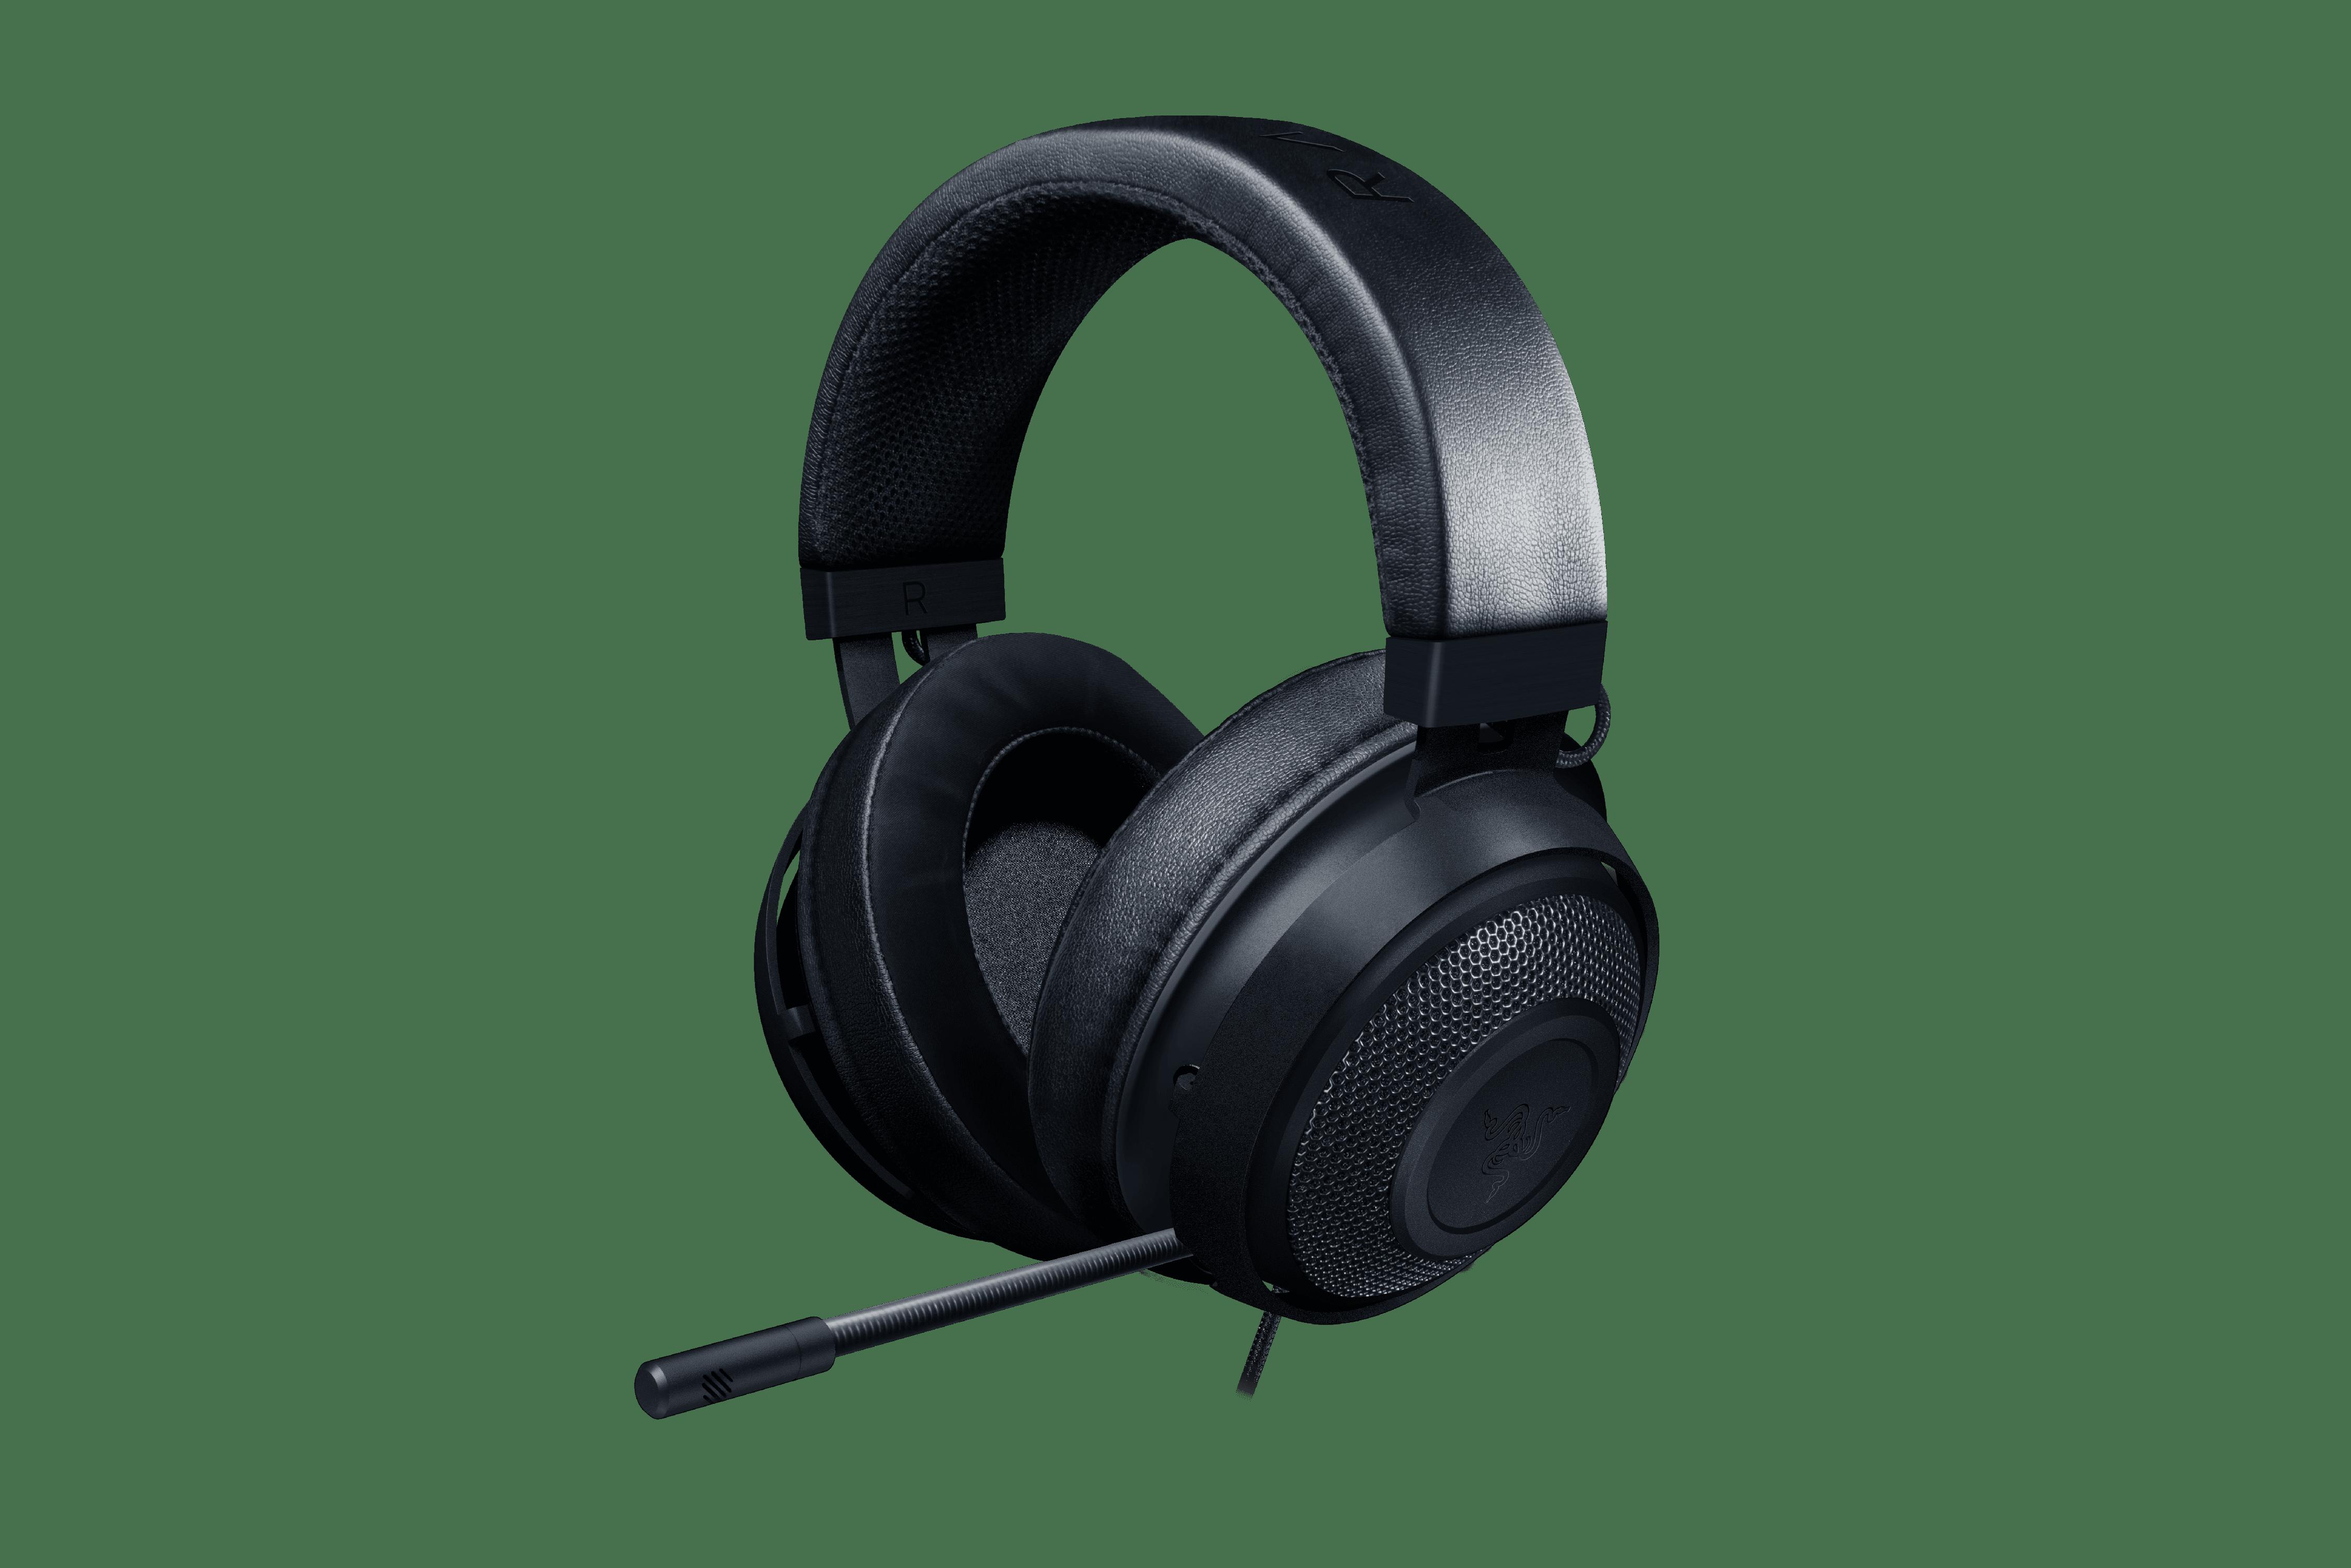 Razer Kraken Tournament Edition 2019 Black Lightweight